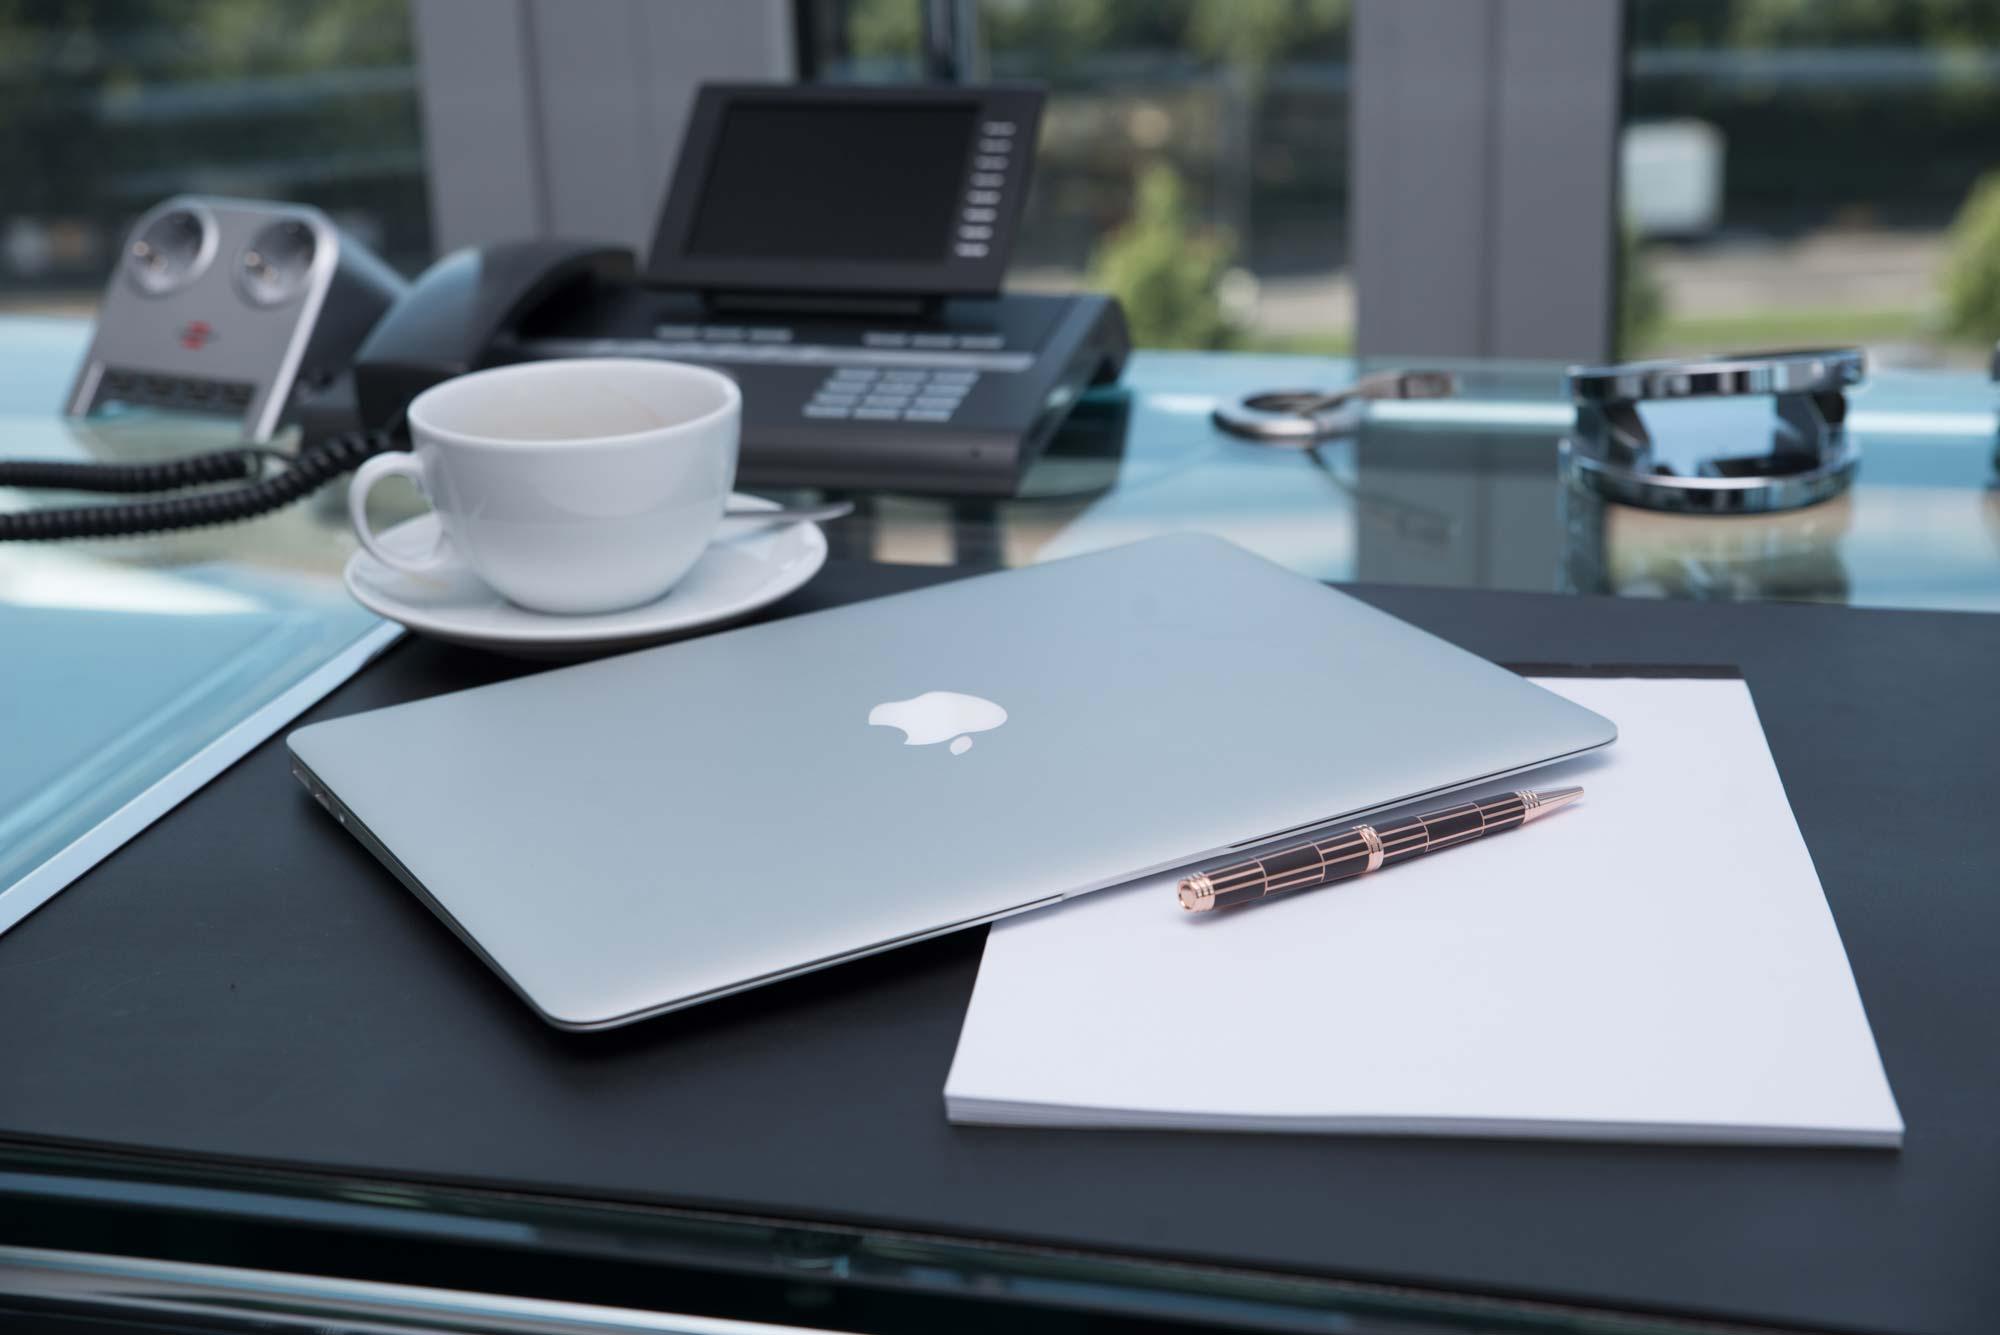 Laptop, Kaffee, Ausblick